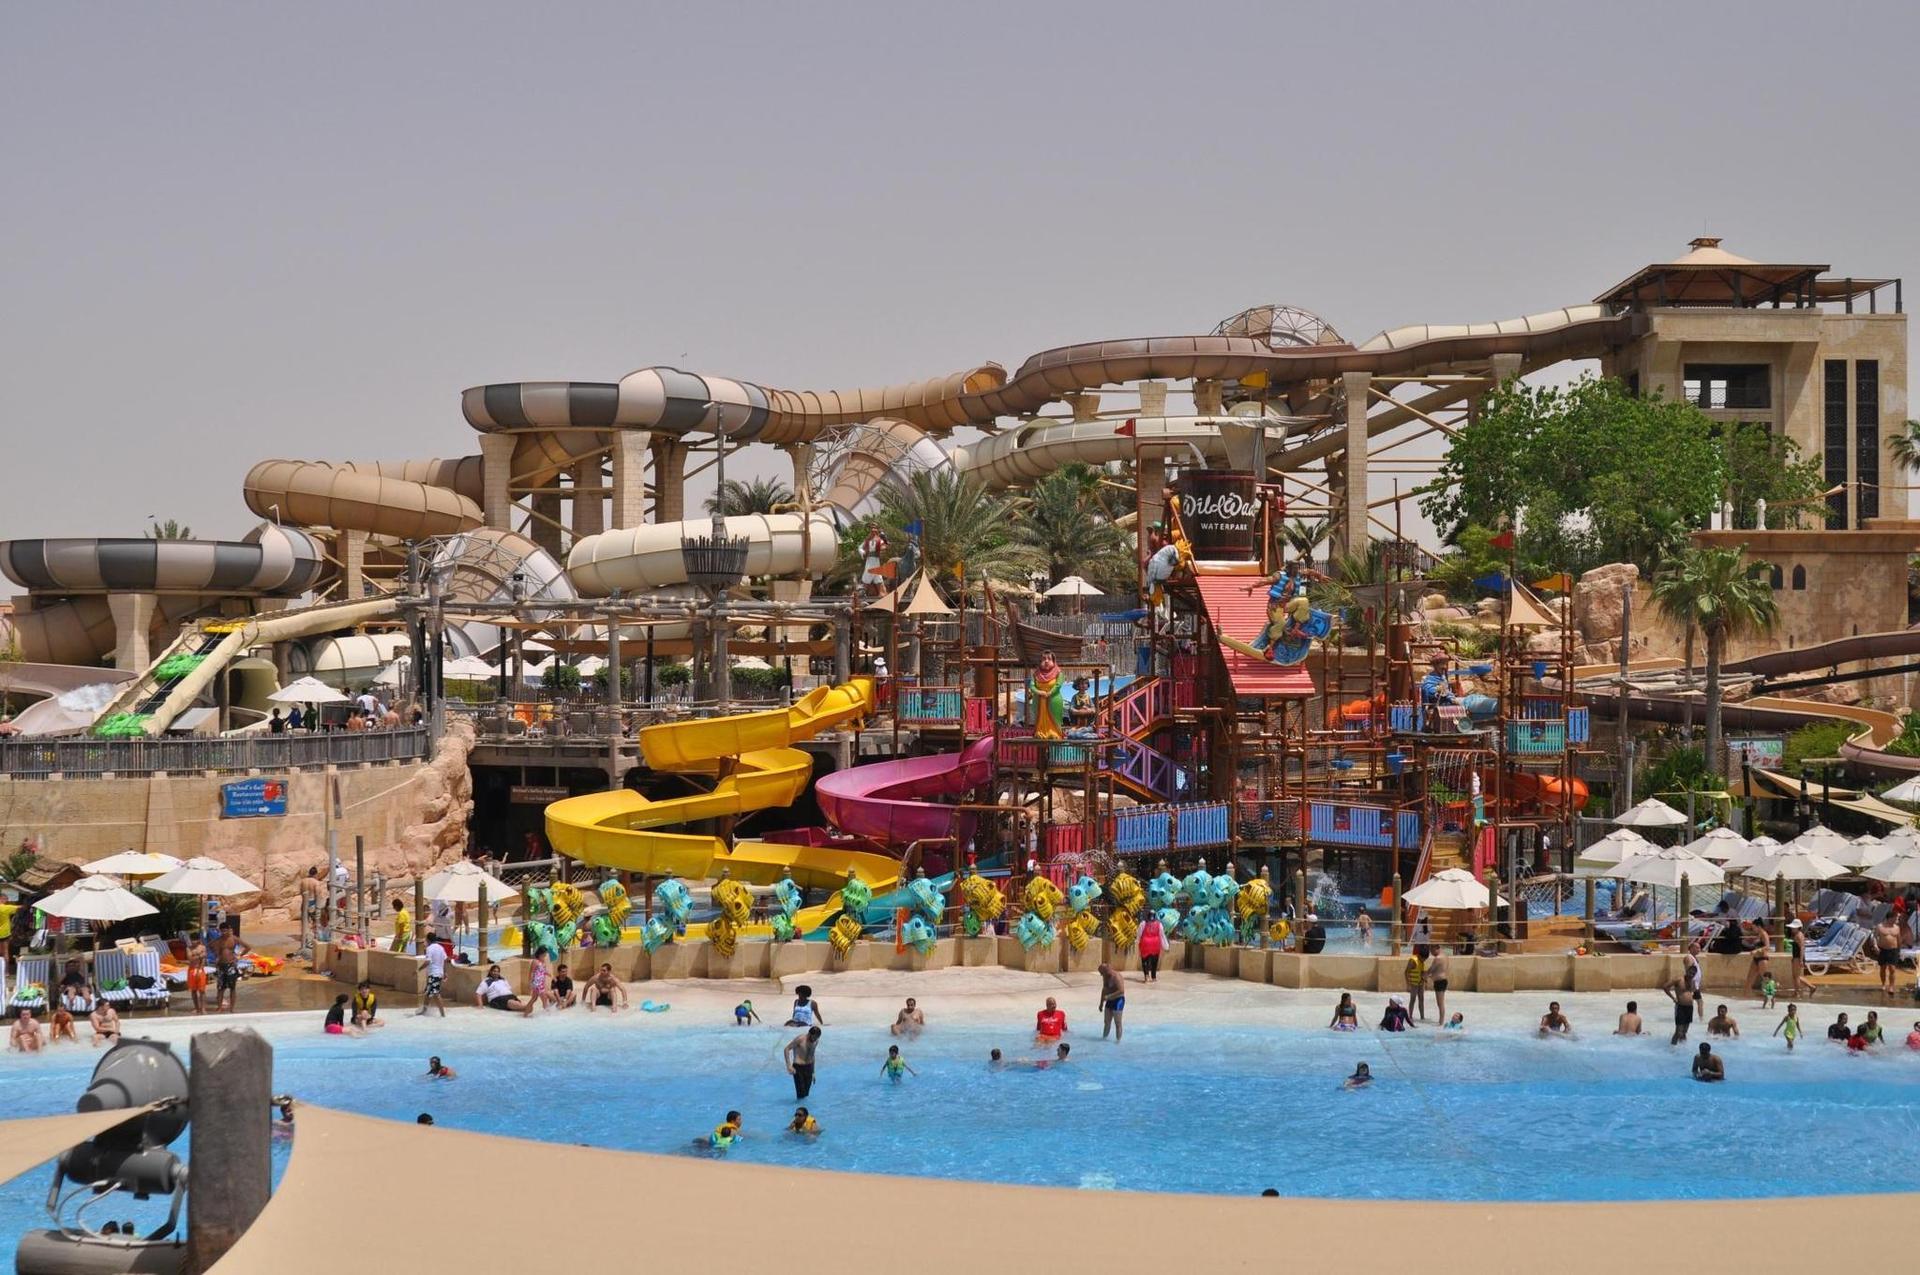 Безкоштовний необмежений доступ в аквапарк Wild Wadi Waterpark ™ - один з найбільш відомих тематичних аквапарків світу